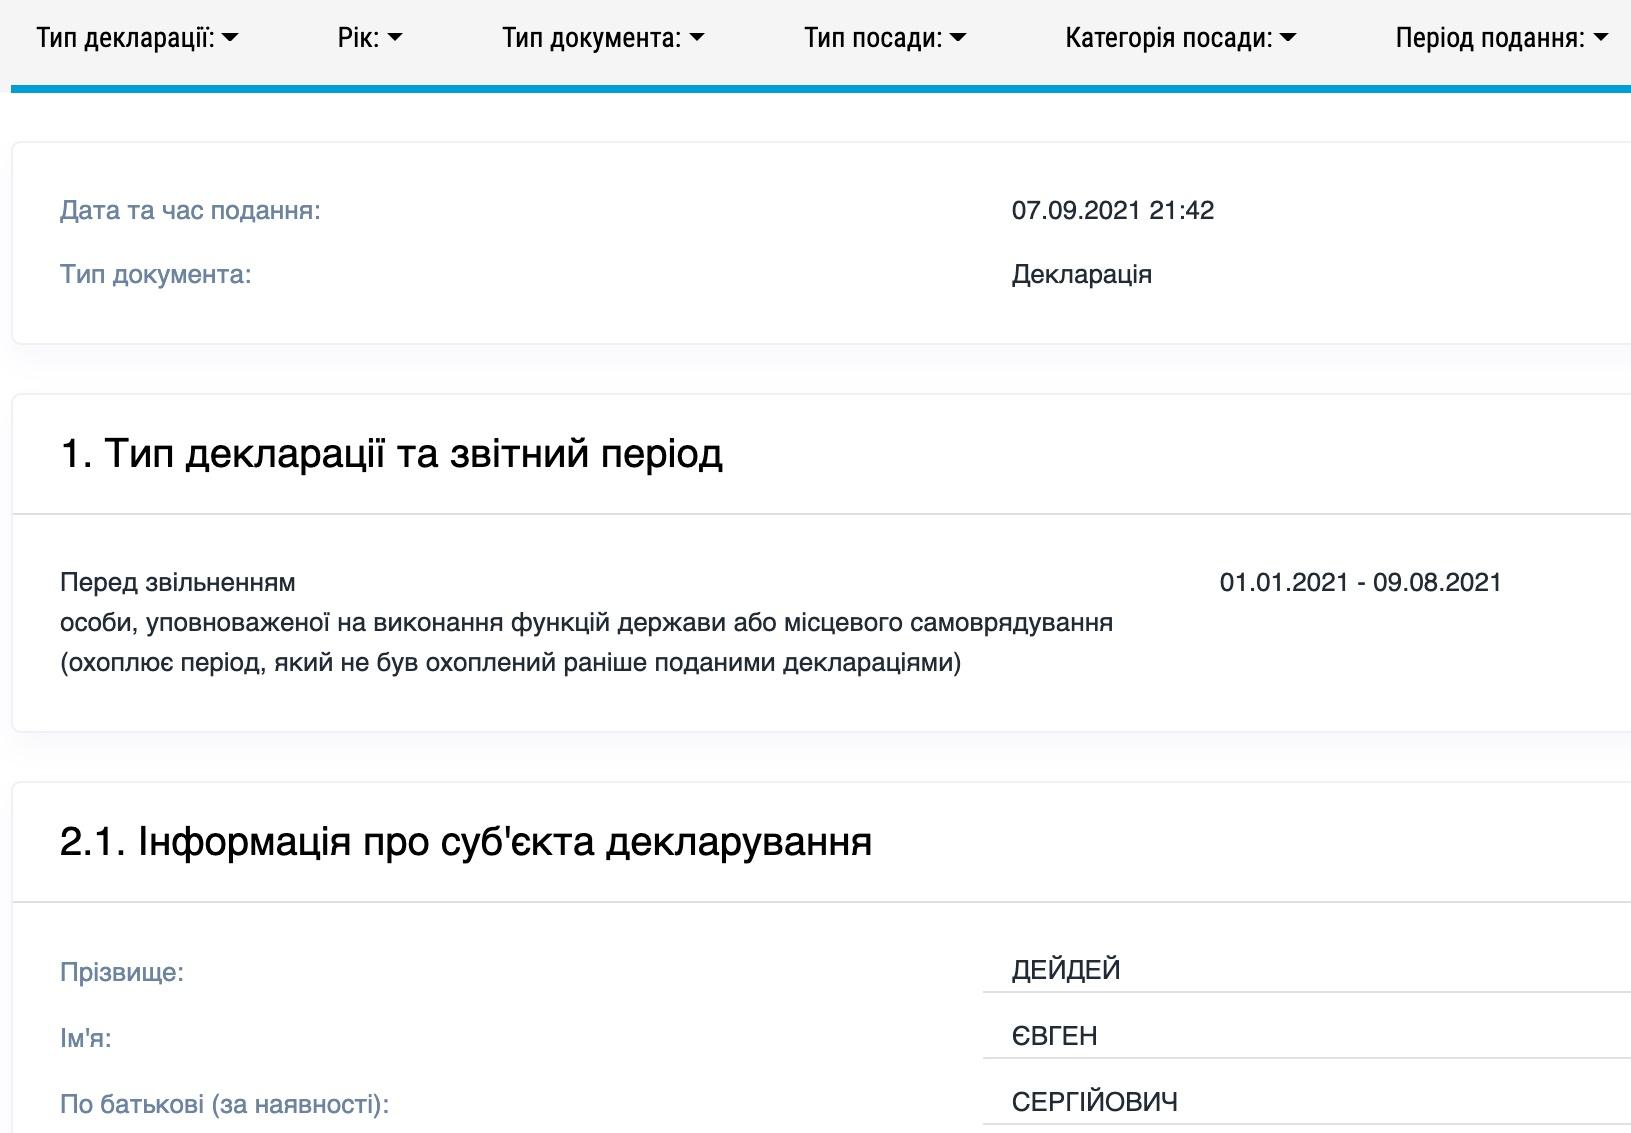 Скандал с киллерами наркобарона. Увольняется помощник главы полиции Киева –Слідство.інфо